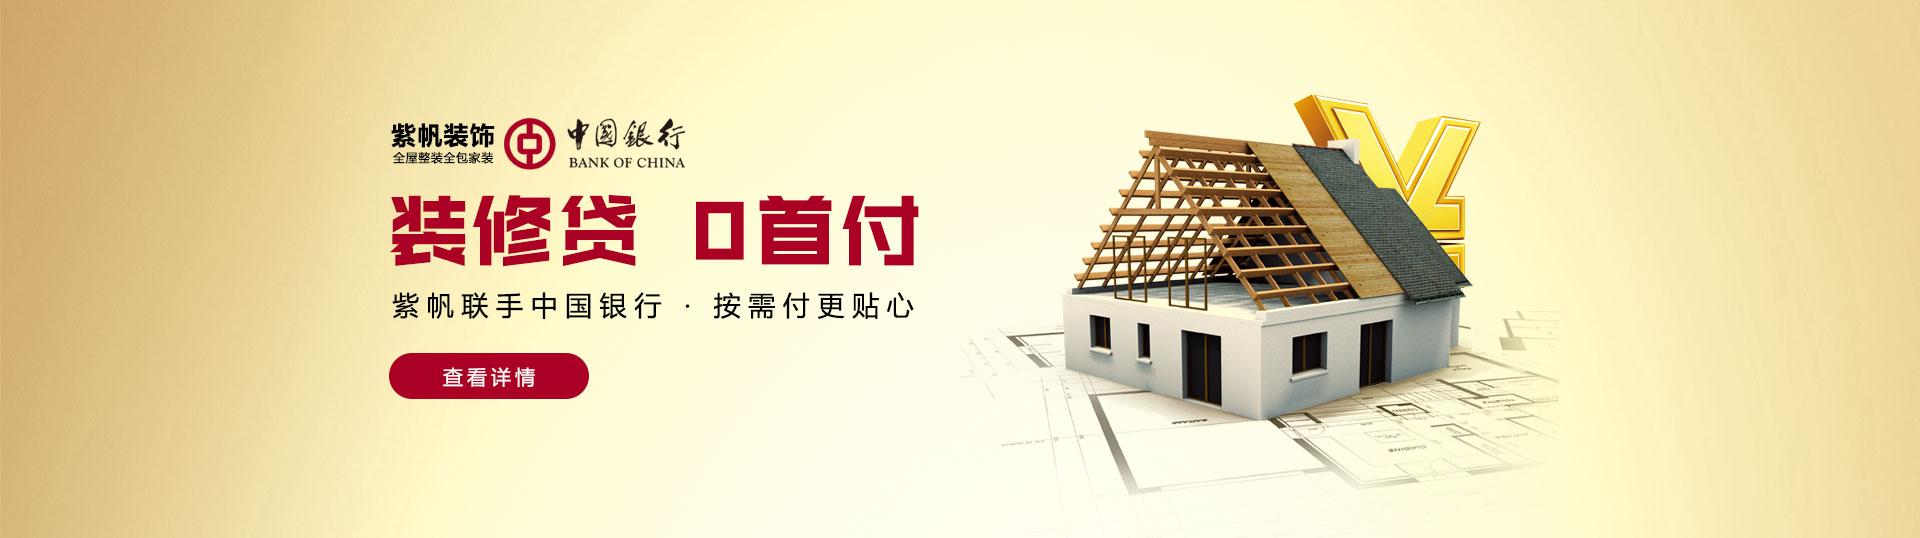 裝修也能享受銀行低息貸款啦,熱烈慶祝中國銀行信貸中心簽約紫帆裝飾裝修貸